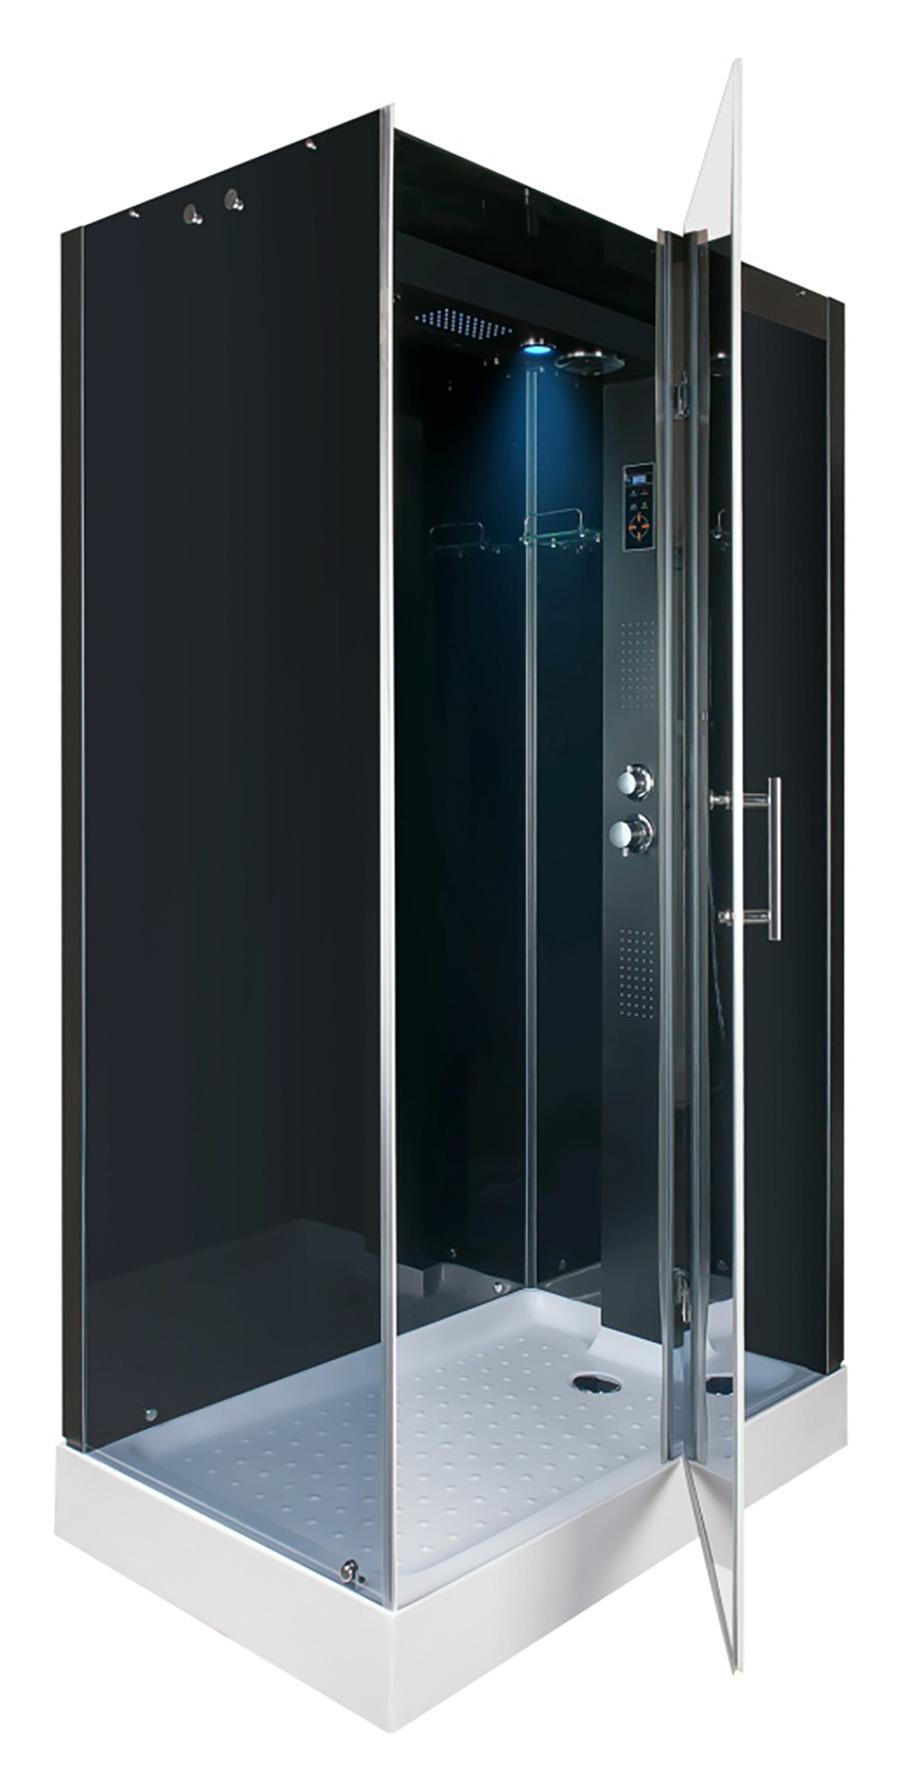 duschkabine regendusche fertigdusche dusche duschtempel duschwand badewanne d103 ebay. Black Bedroom Furniture Sets. Home Design Ideas